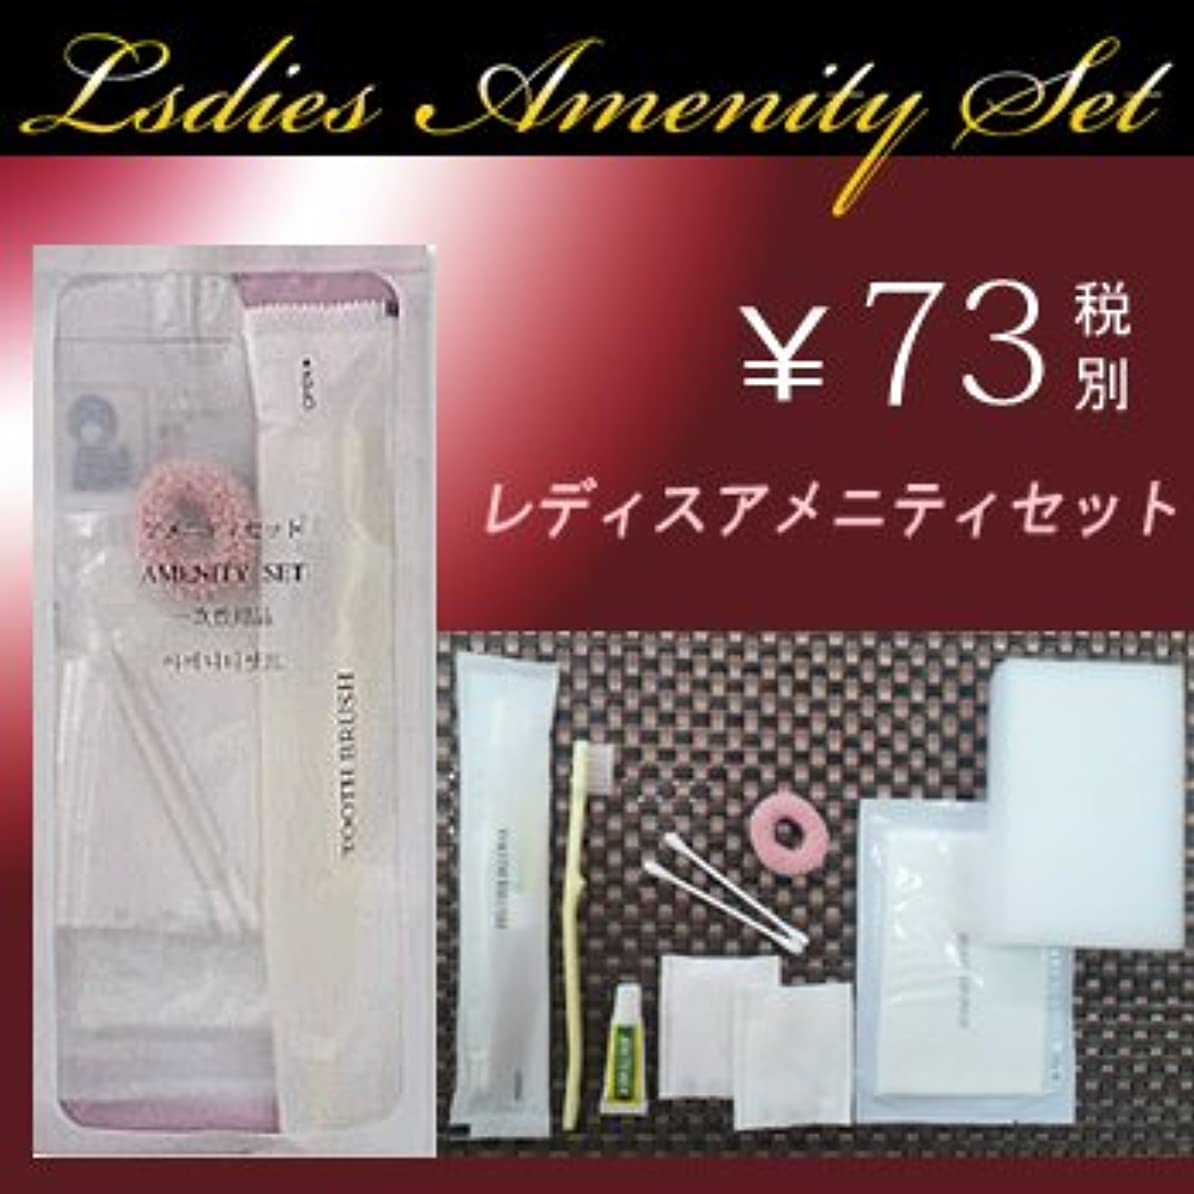 クローゼット口確かにレディスアメニティフルセット袋入(1セット300個入)